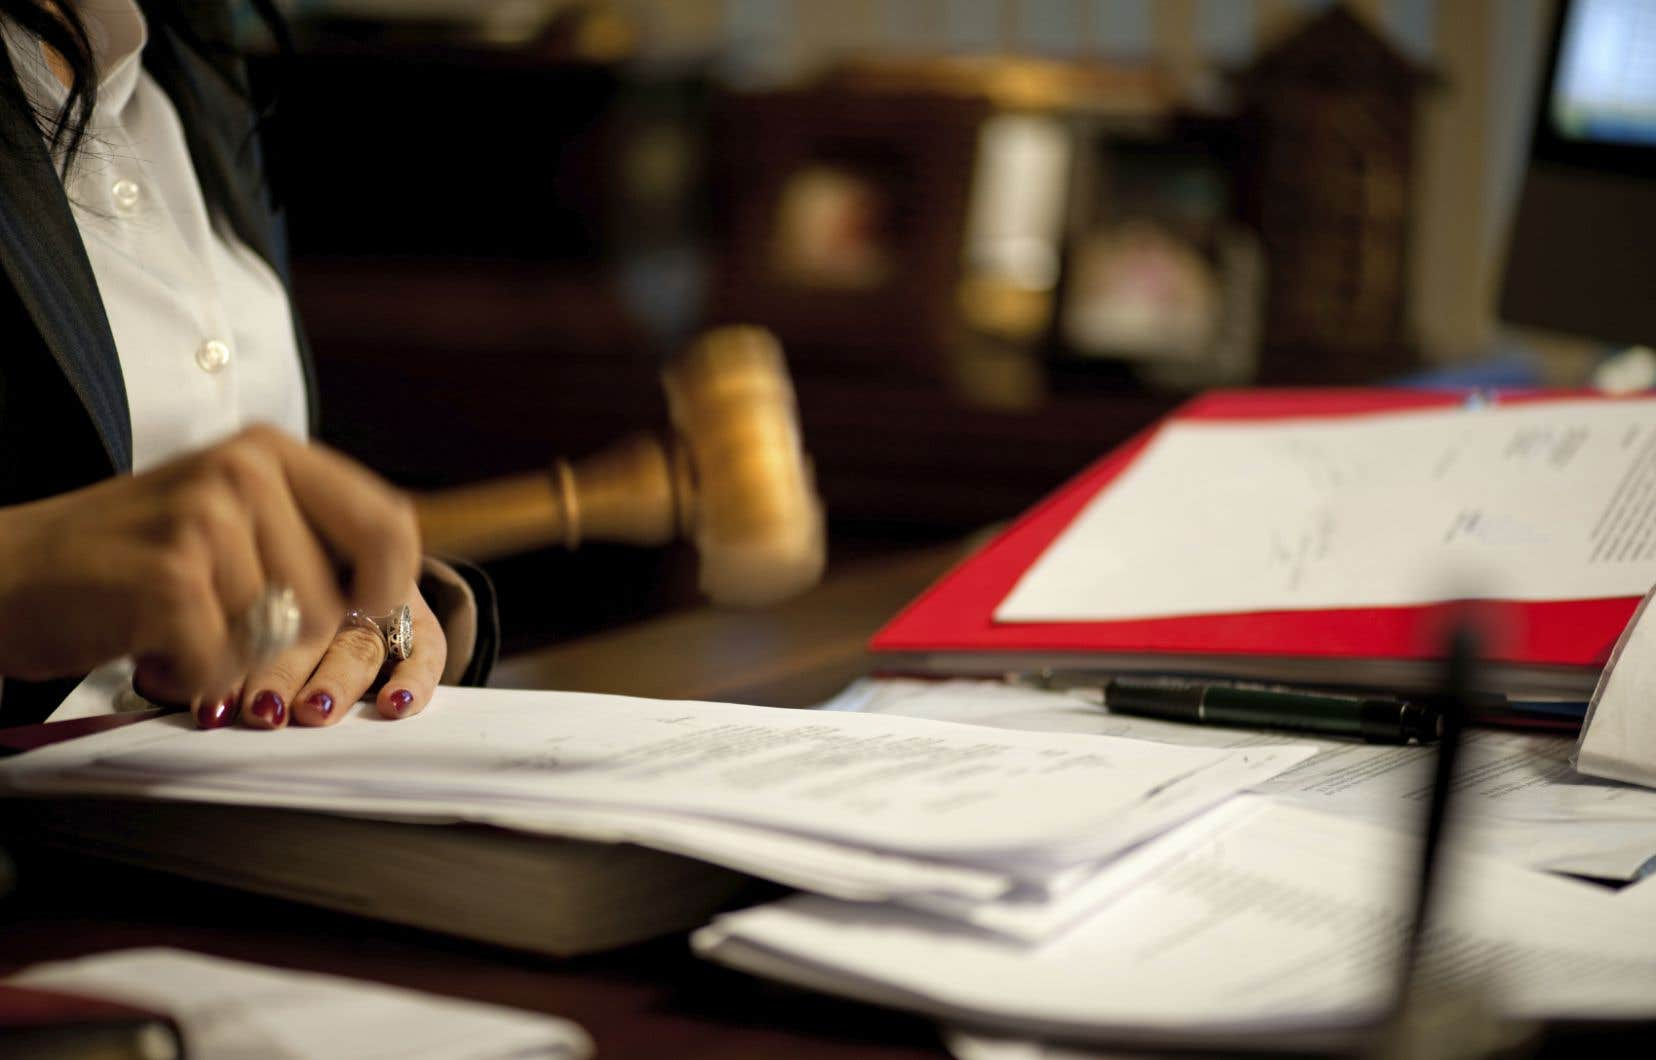 «La diversification du rôle joué par les juristes au sein des cliniques juridiques et des organismes sans but lucratif pourrait contribuer à réduire les inégalités d'accès au droit et à la justice», estime l'auteur.